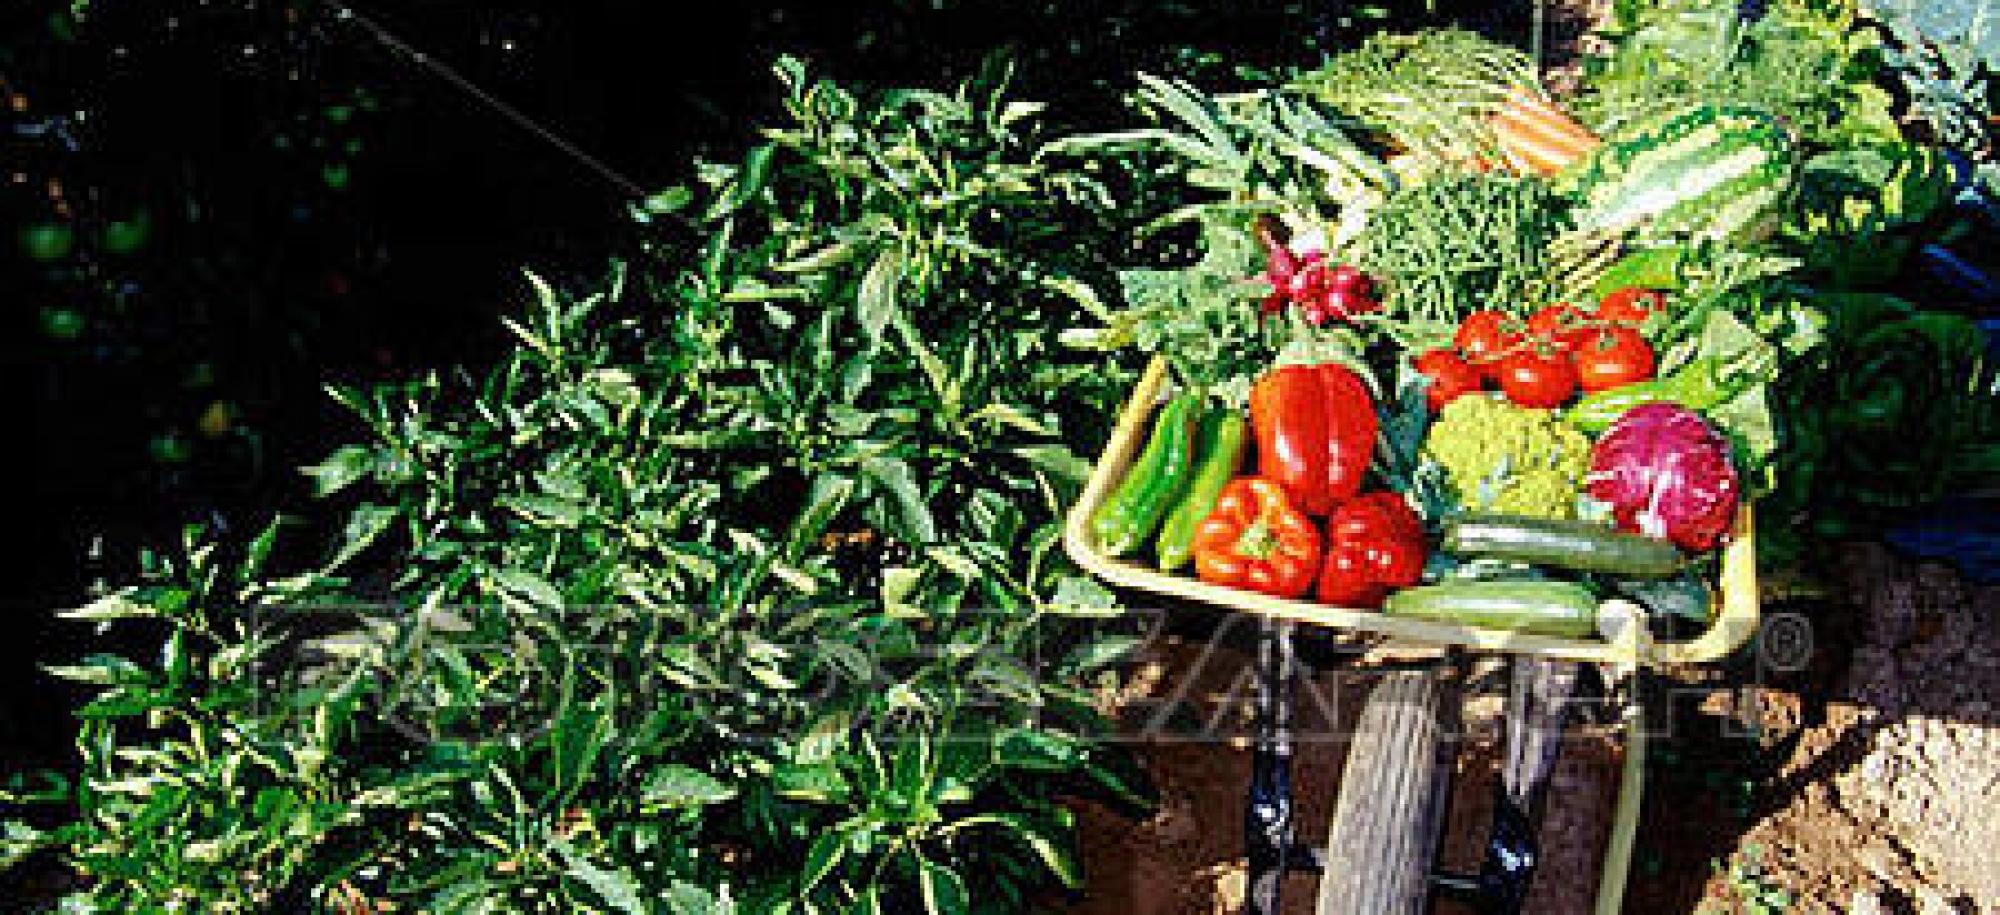 الحد من استخدام المبيدات والأسمدة الكيماوية في الزراعة بريف المنطقة الشرقية من محافظة خانيونس'